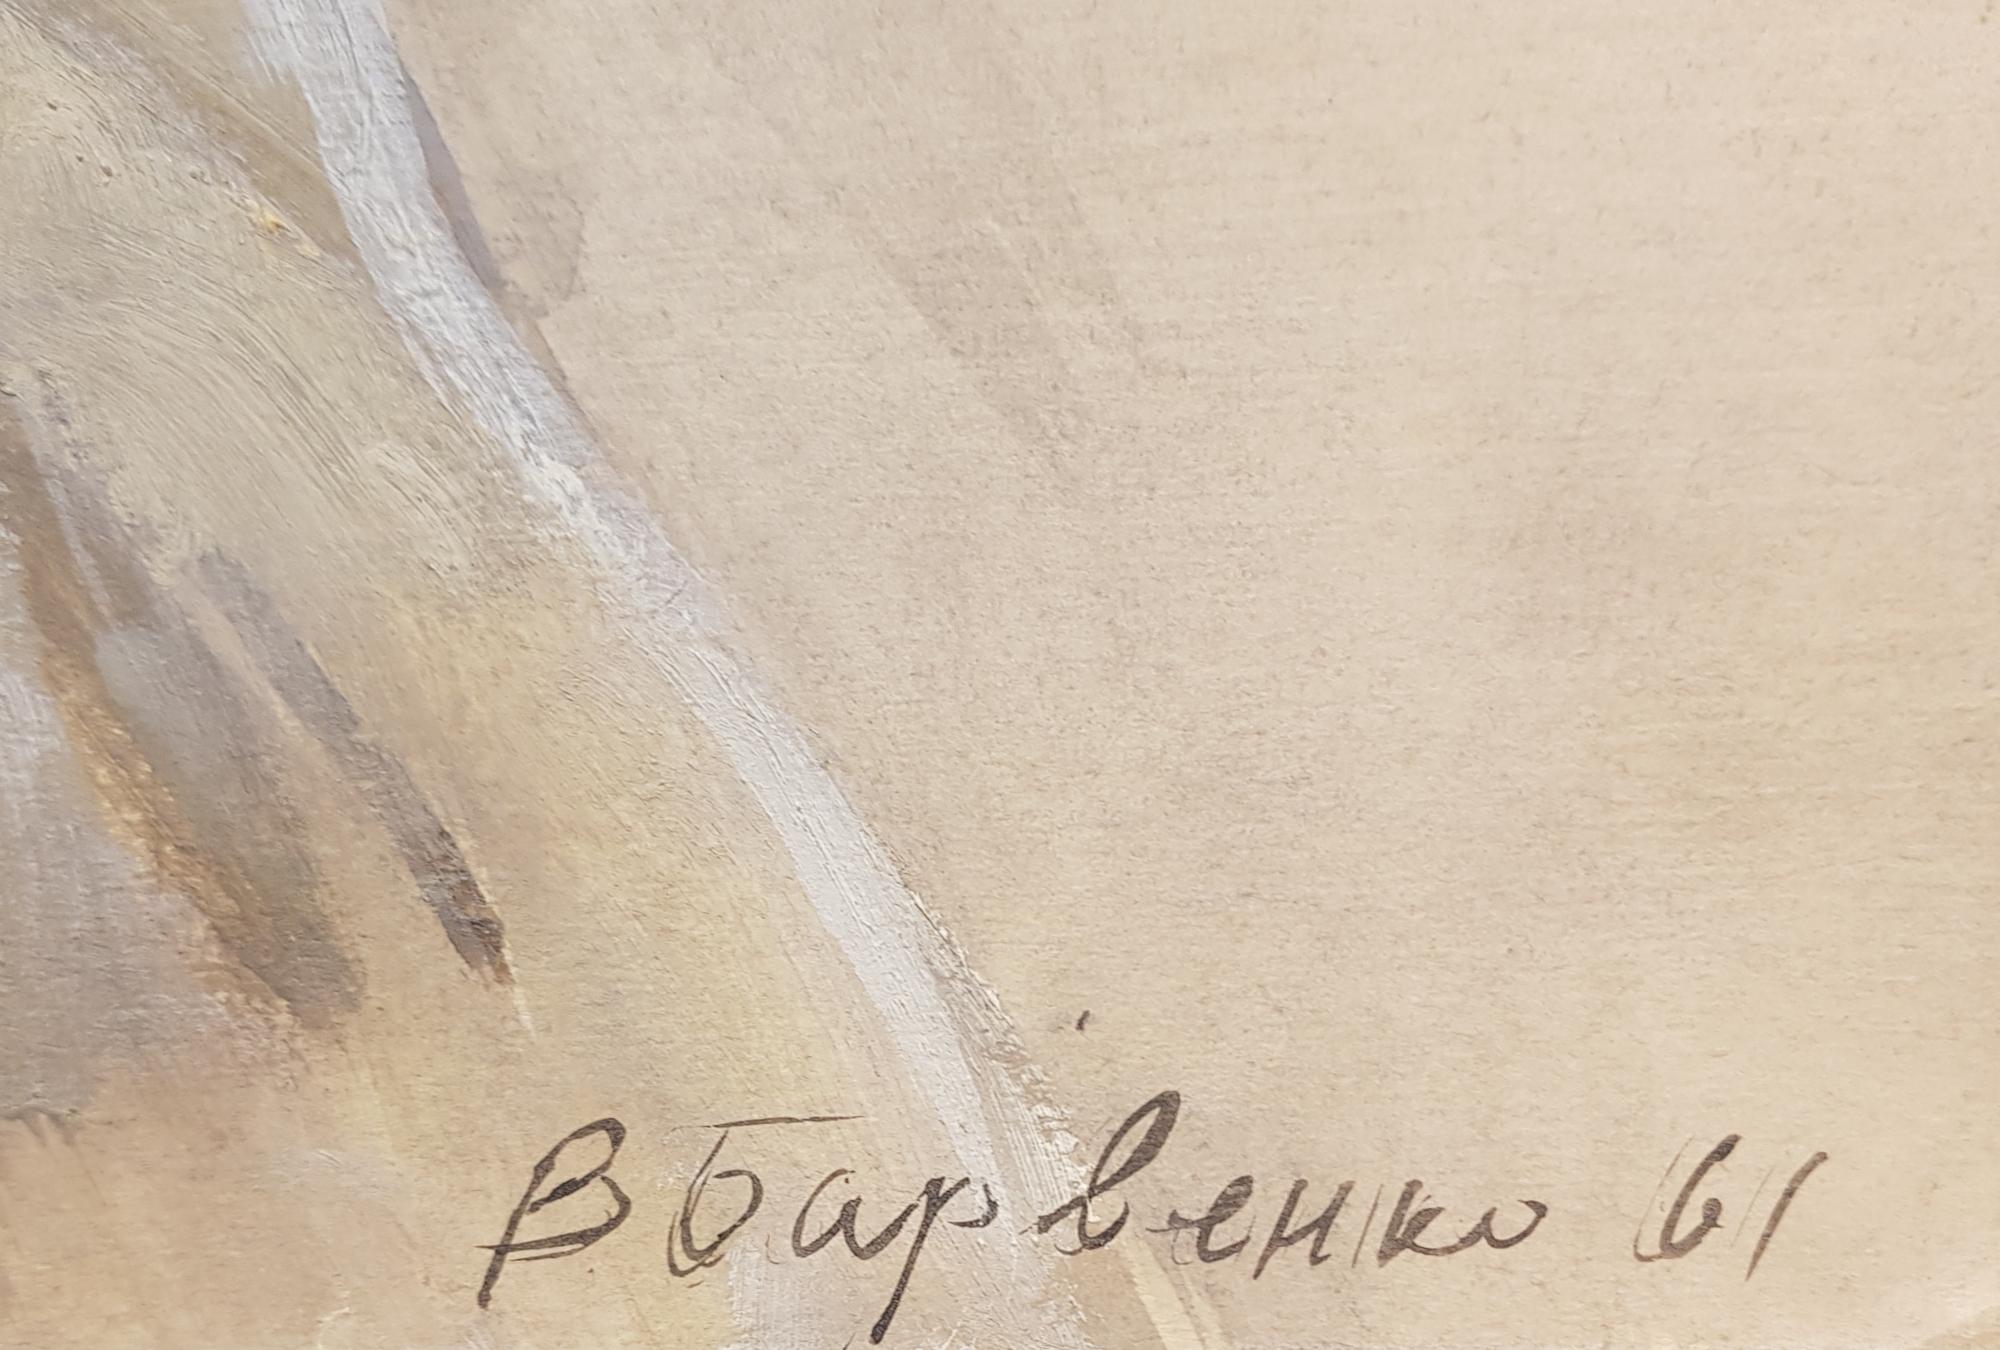 Подпись. Барвенко Виктор Петрович. Работница